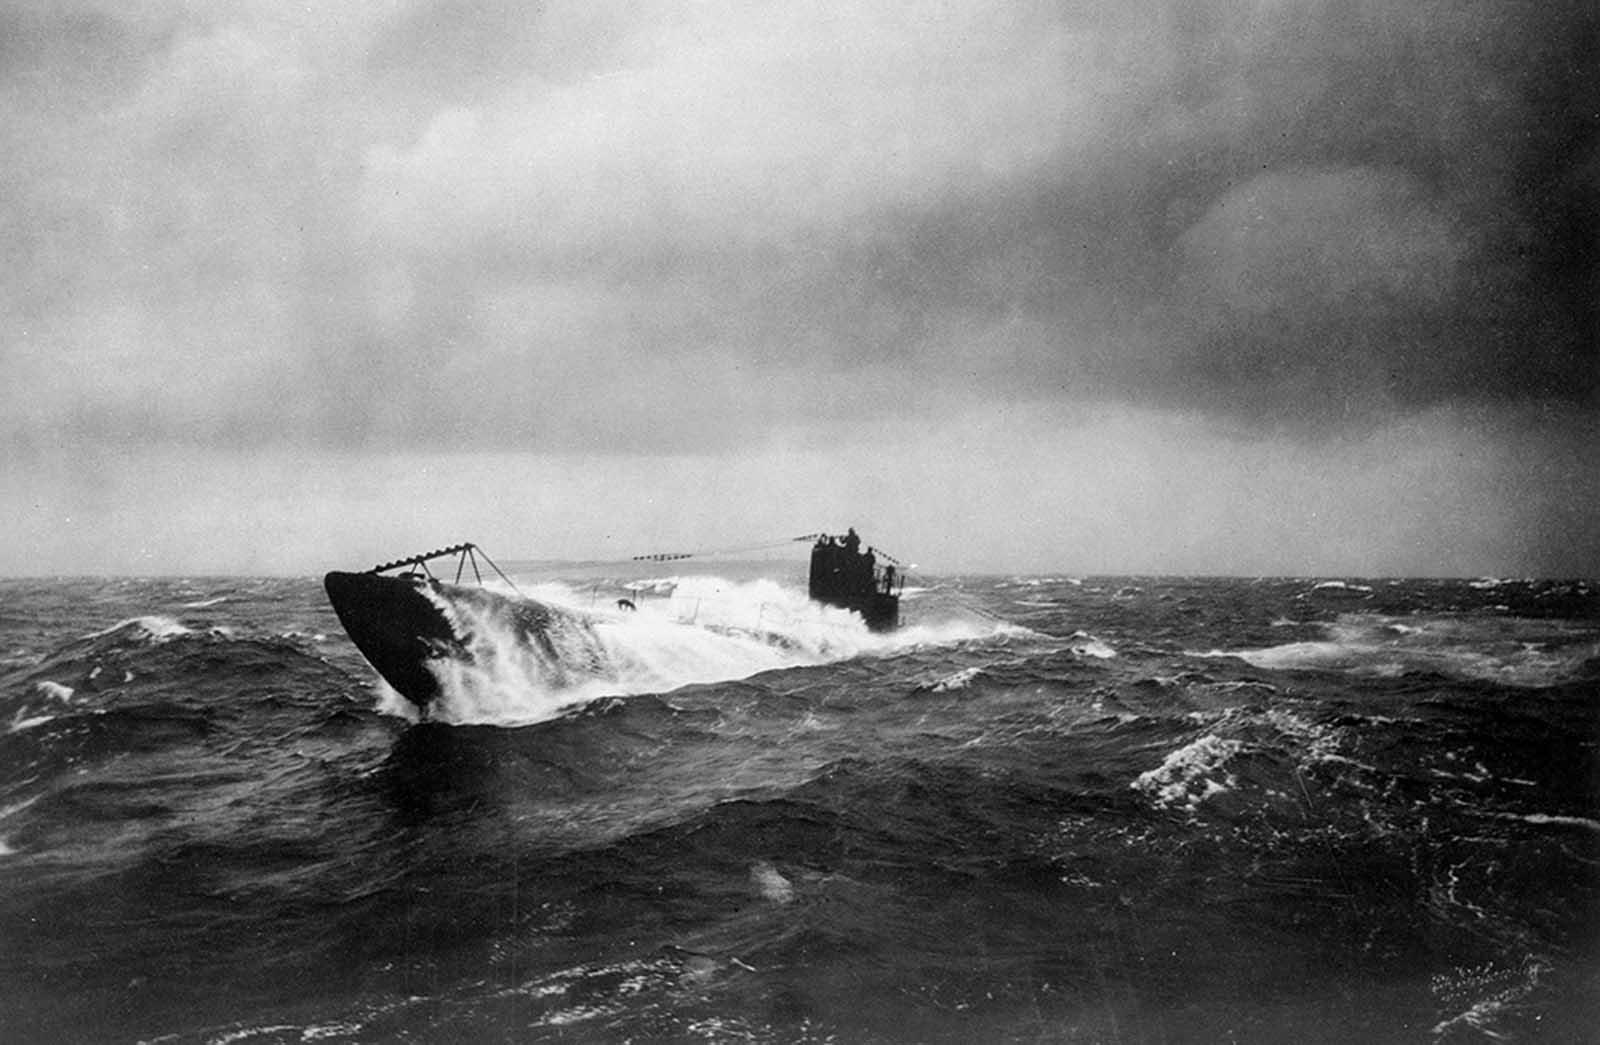 El antiguo submarino alemán UB 148 en el mar, después de haber sido entregado a los aliados. UB-148, un pequeño submarino costero, fue instalado durante el invierno de 1917 y 1918 en Bremen, Alemania, pero nunca fue comisionado en la Marina Imperial Alemana. Estaba completando los preparativos para la comisión cuando el armisticio del 11 de noviembre terminó con las hostilidades. El 26 de noviembre, UB-148 fue entregado a los británicos en Harwich, Inglaterra. Más tarde, cuando la Armada de los Estados Unidos expresó su interés en adquirir varios antiguos U-boats para usarlos junto con una unidad Victory Bond, el UB-148 fue uno de los seis barcos asignados para ese propósito.